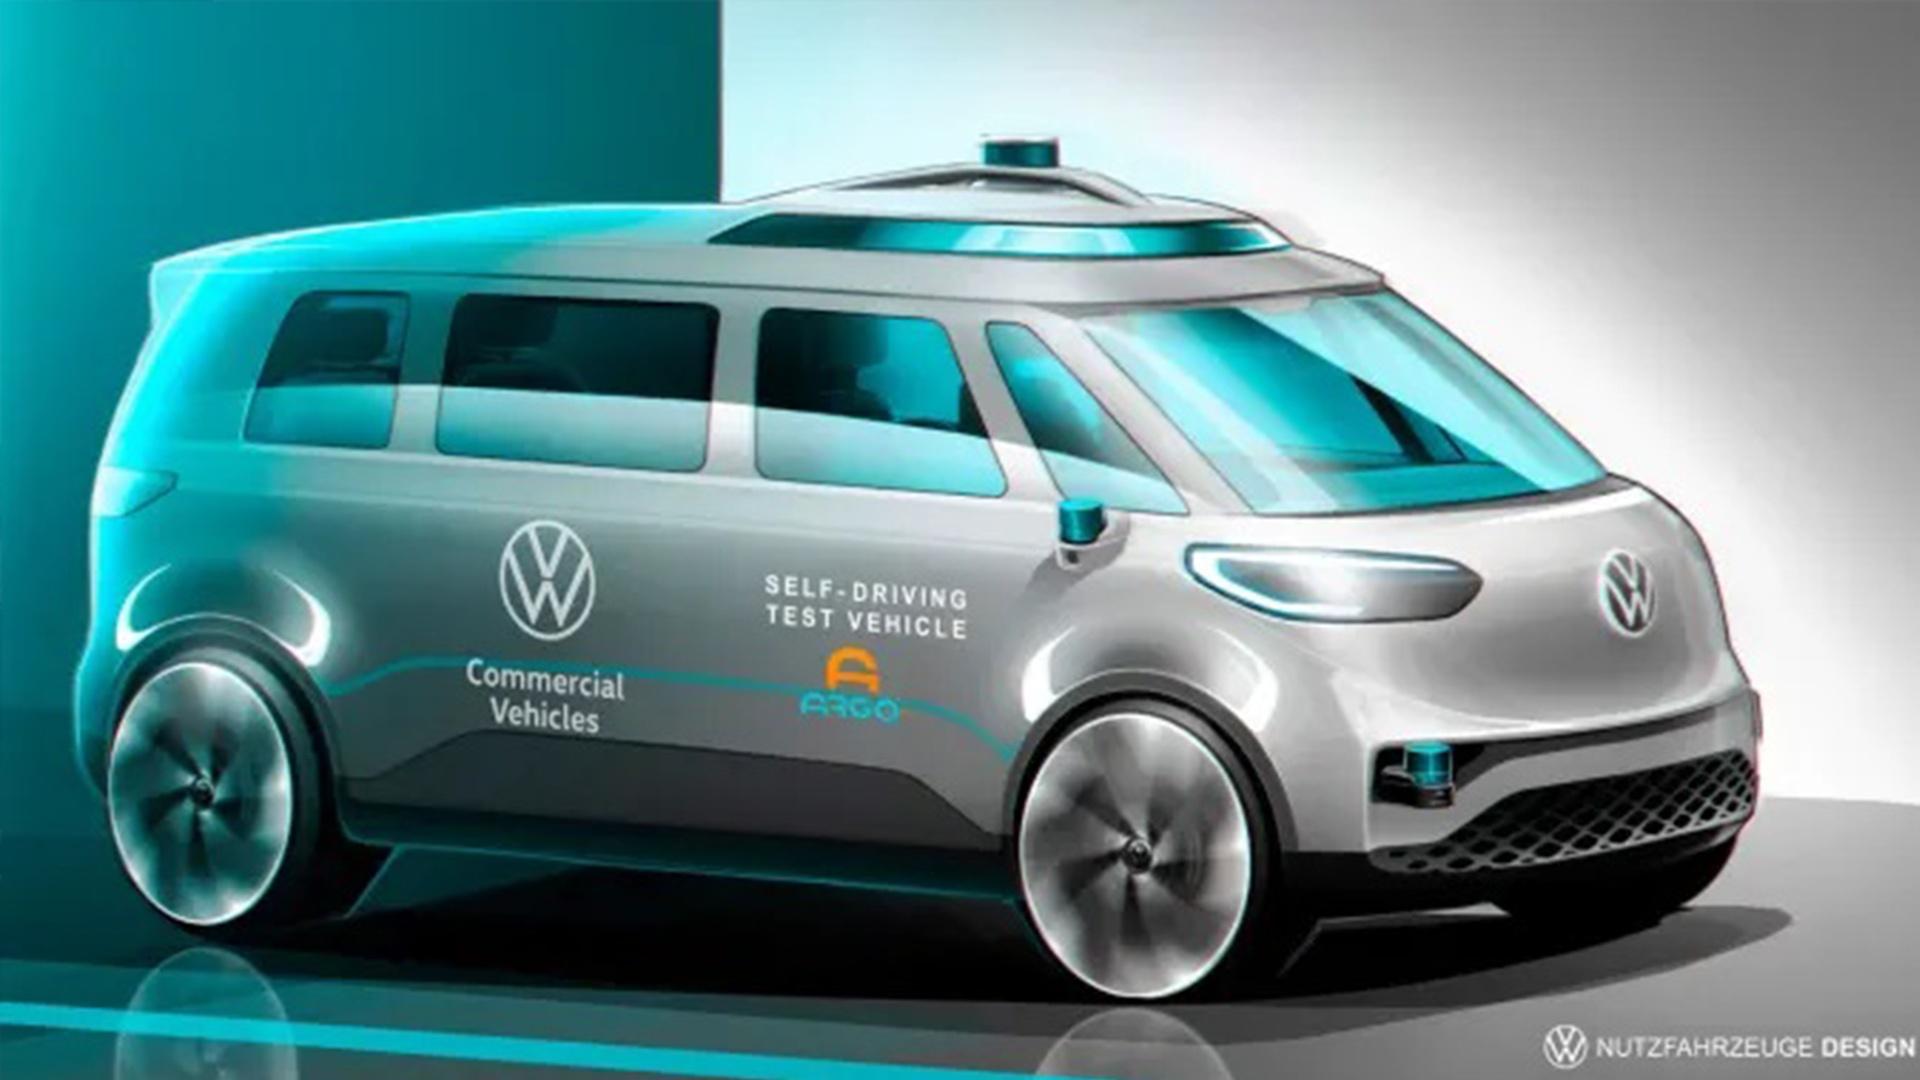 Volkswagen планирует запуск полностью автономных электрических такси минивэнов к 2025 году